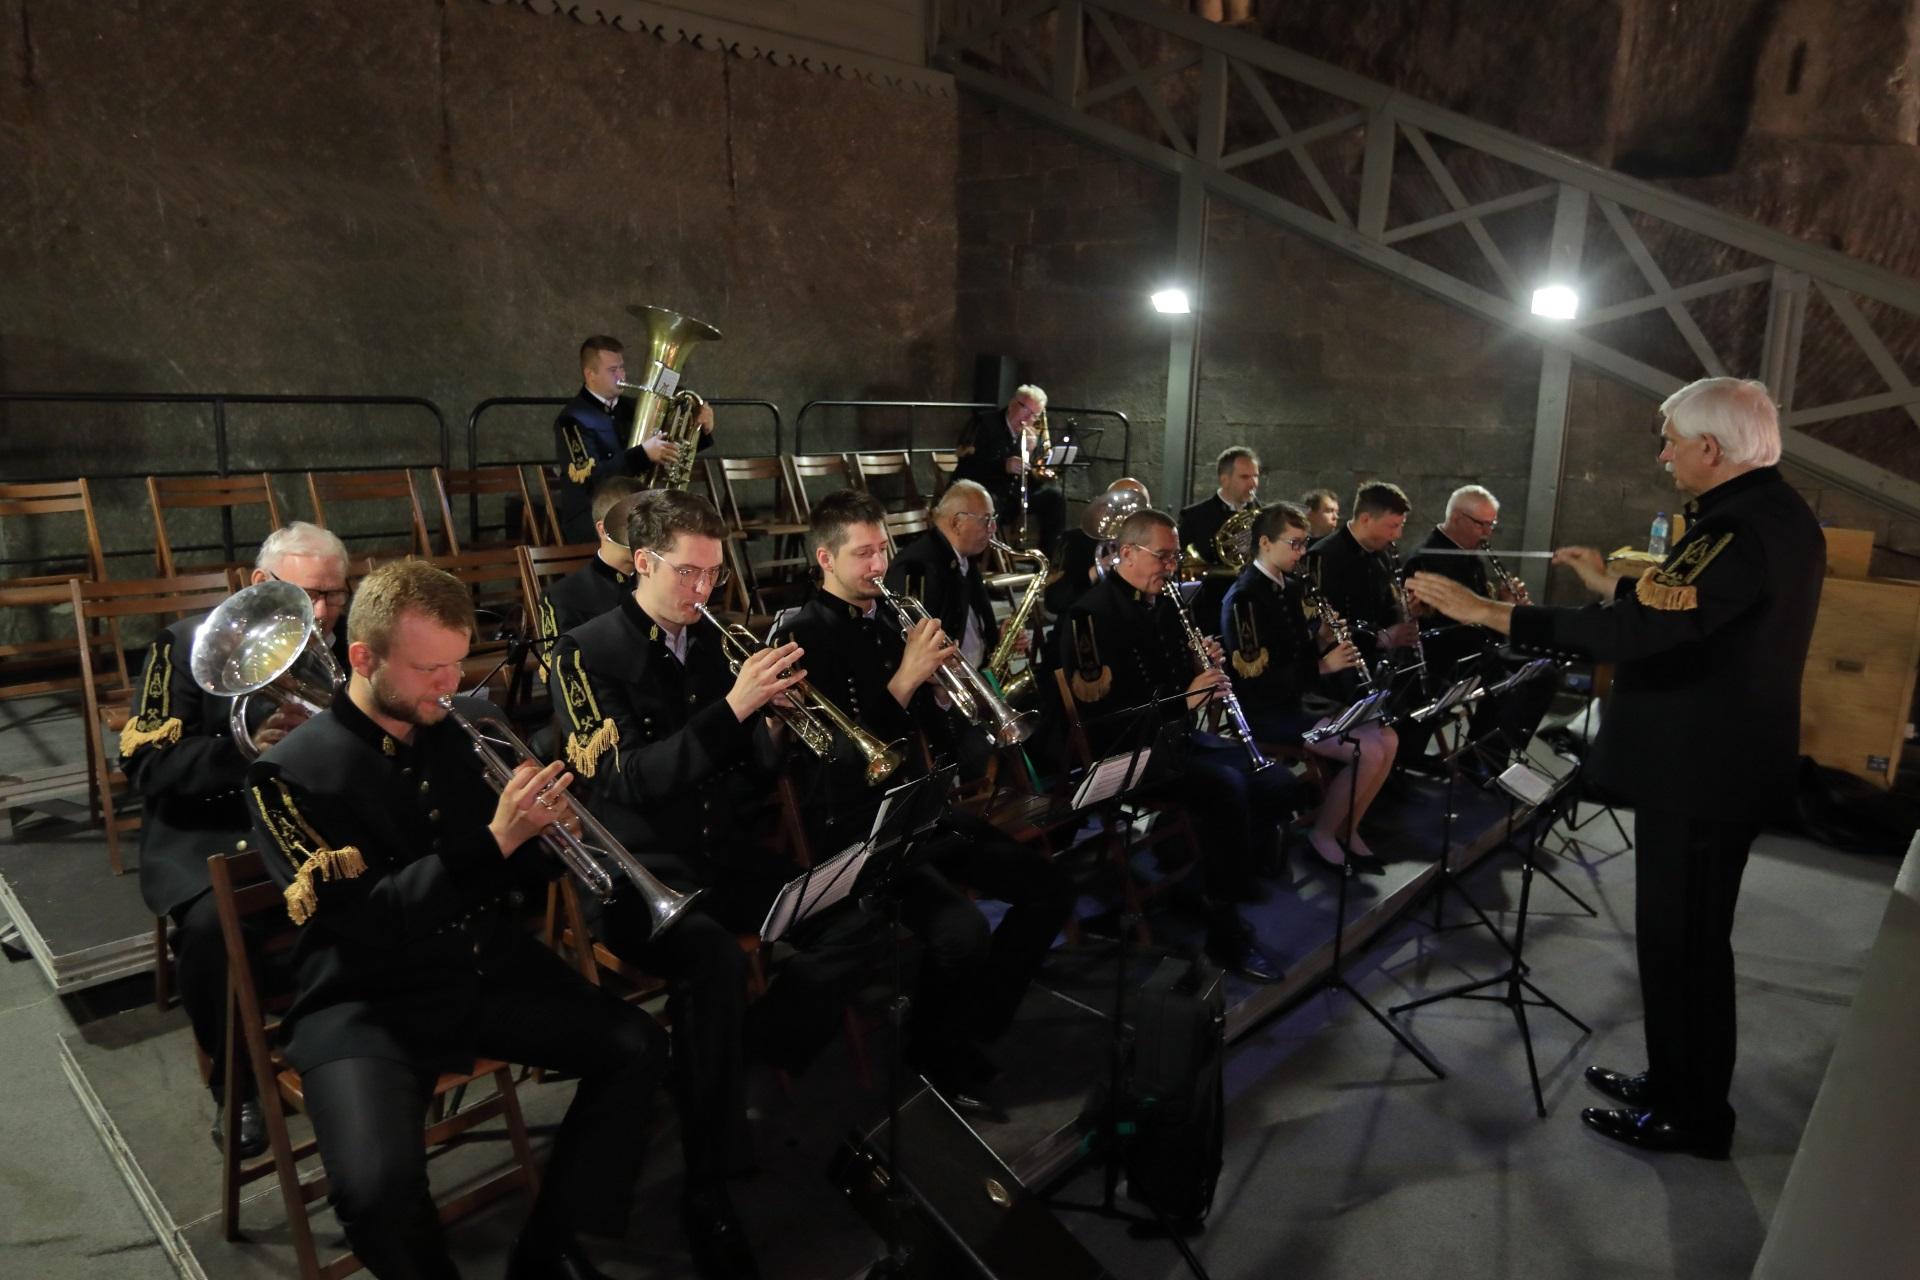 Górnicza orkiestra. Muzycy siedzą na chórze